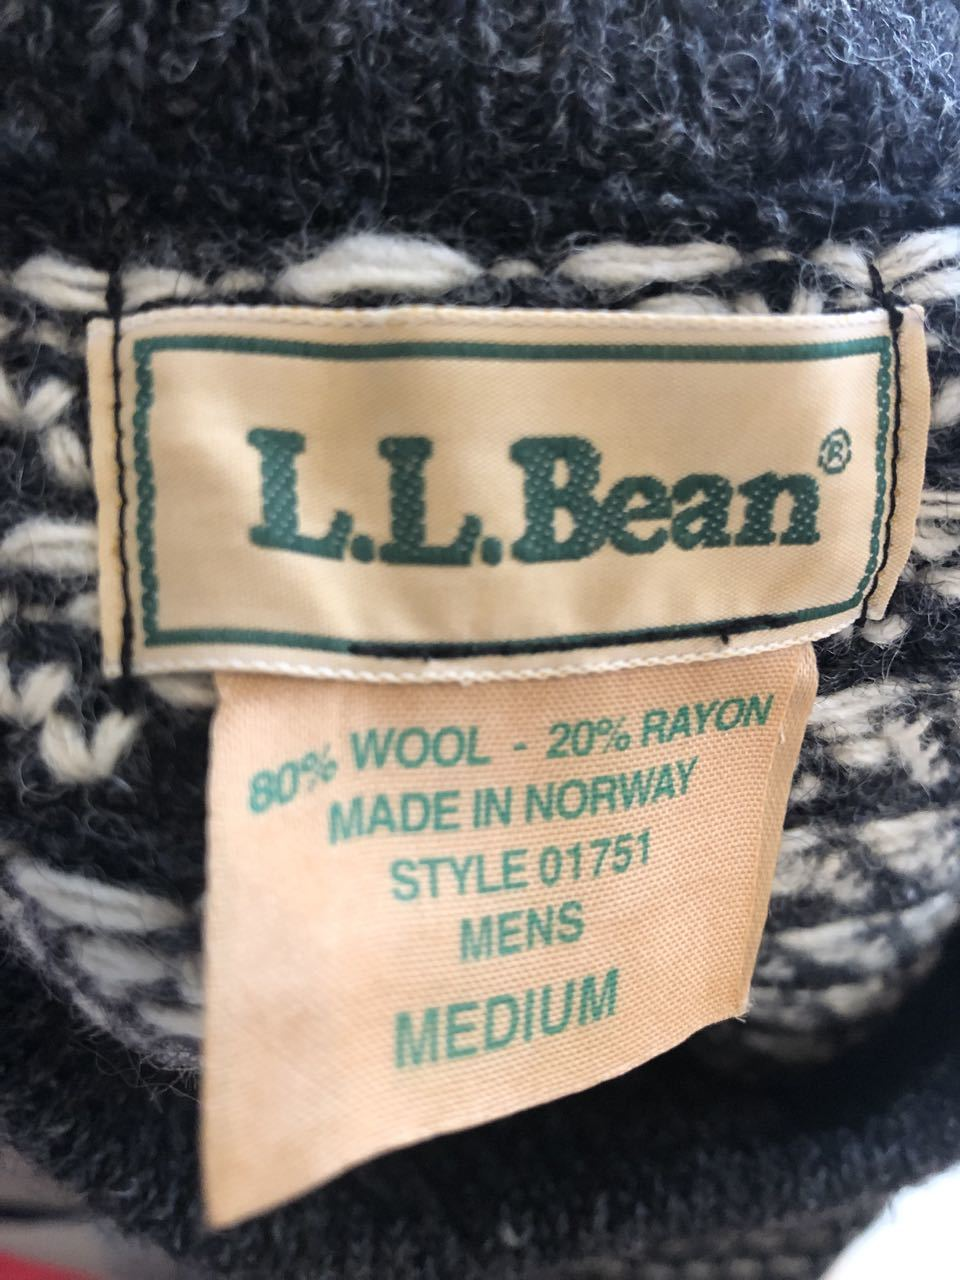 11月30日(土)入荷!MADE IN NORWAY L.L Bean バーズアイ セーター _c0144020_14010152.jpg